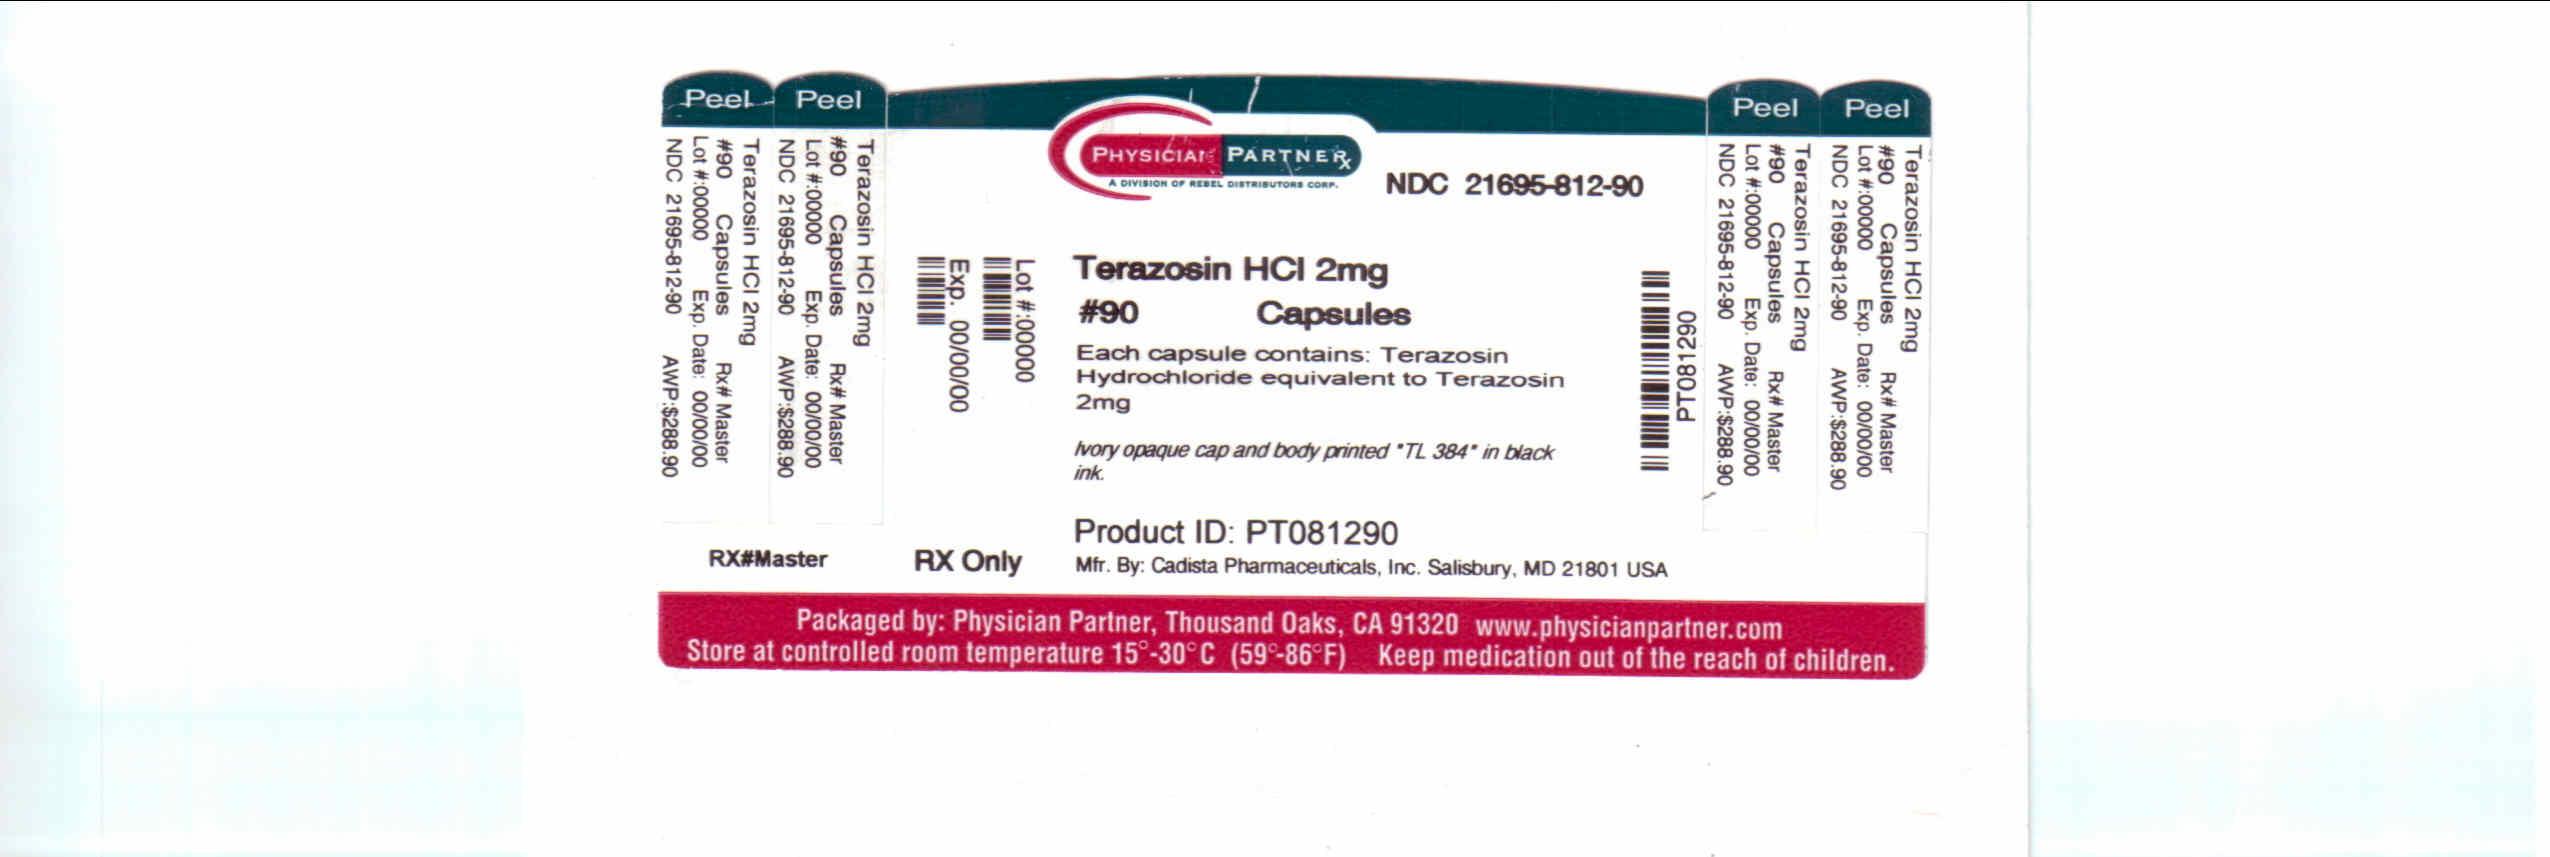 Terazosin HCL 2mg